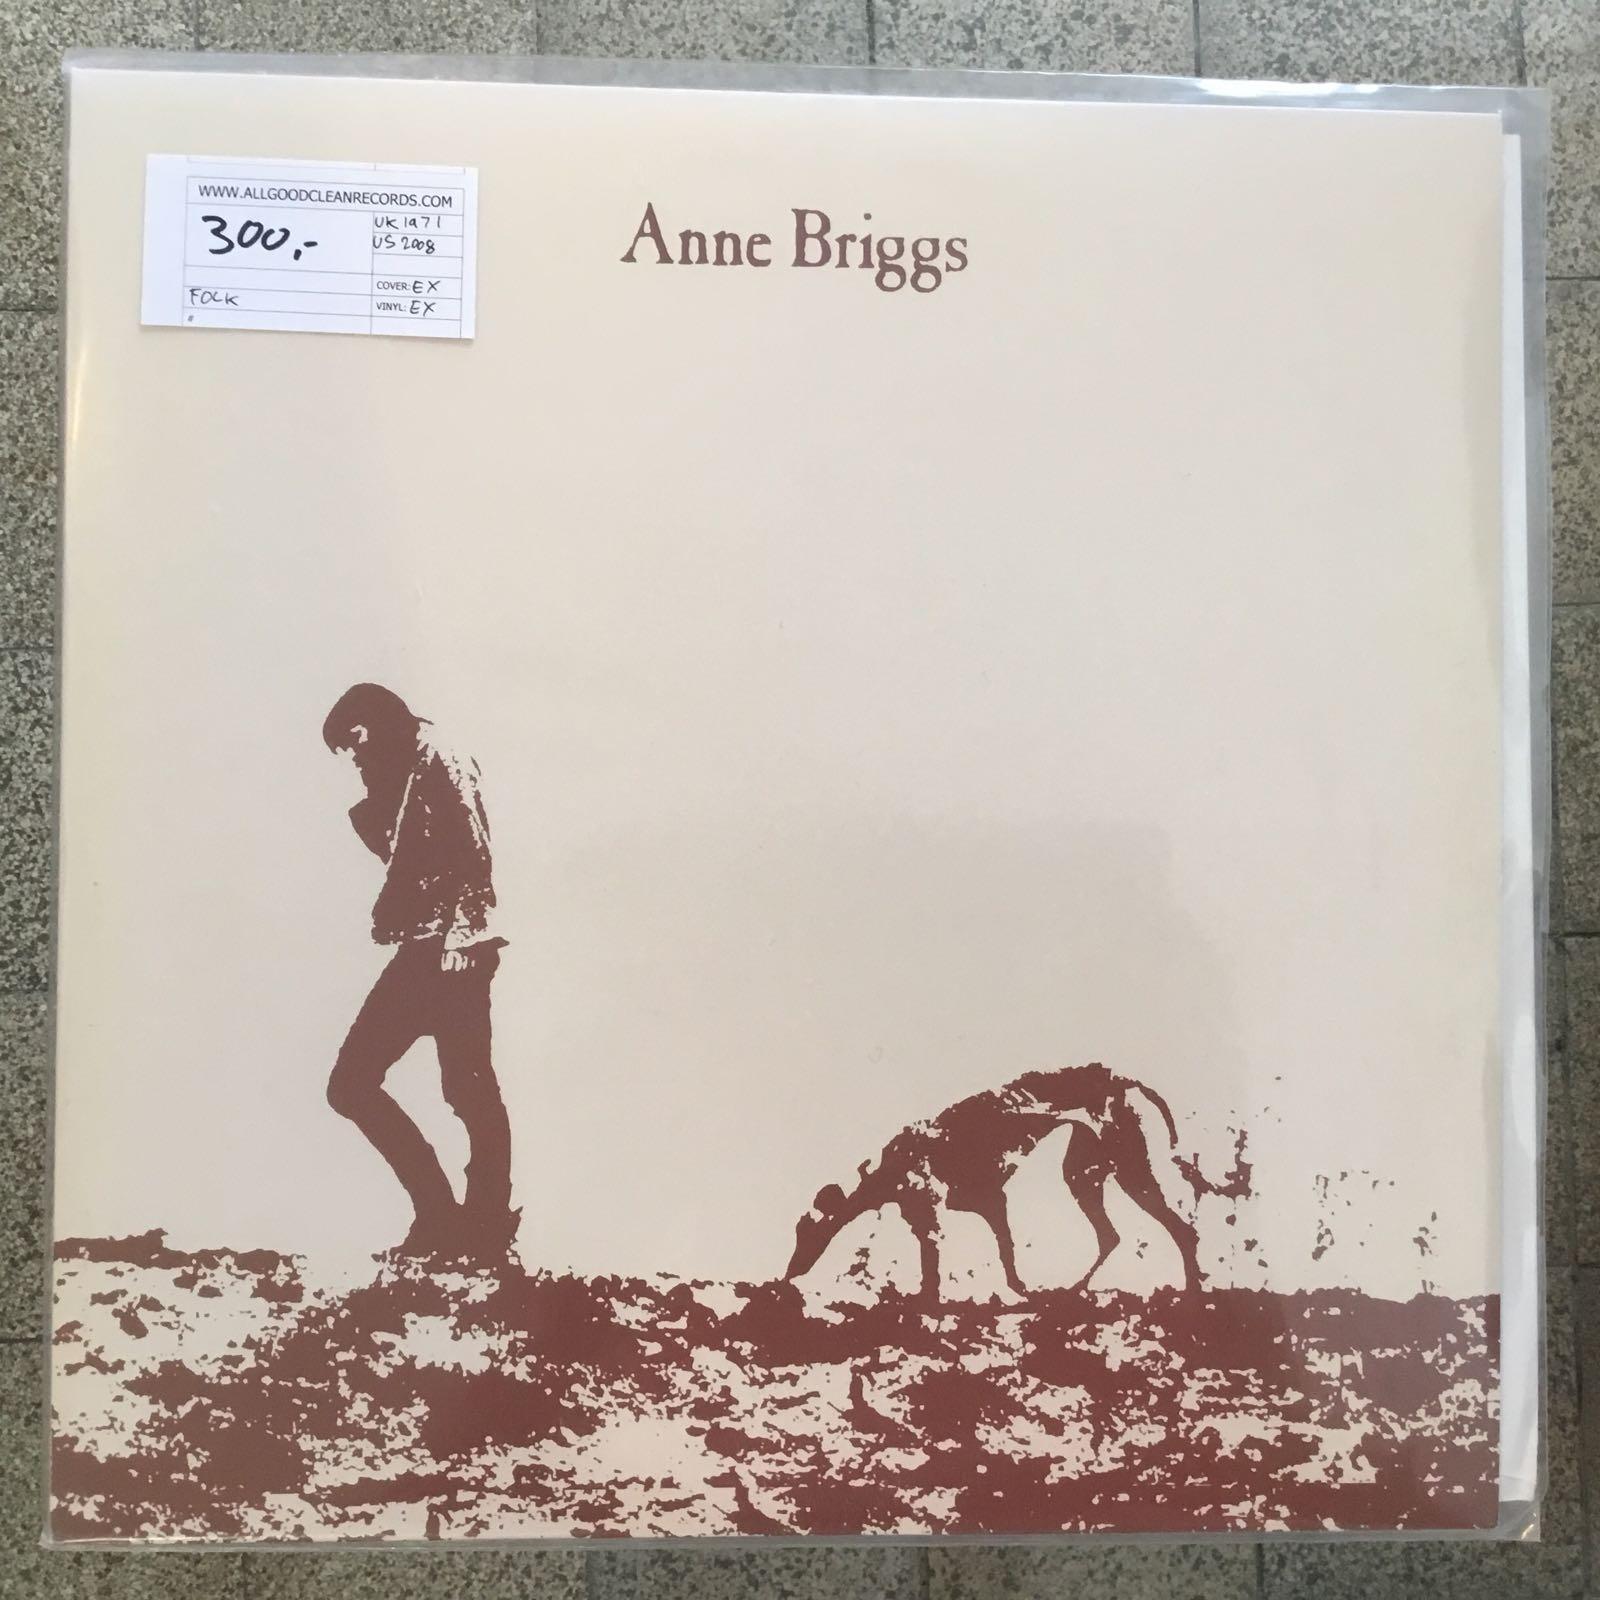 Anne Briggs – Anne Briggs [LP] (2. hand)